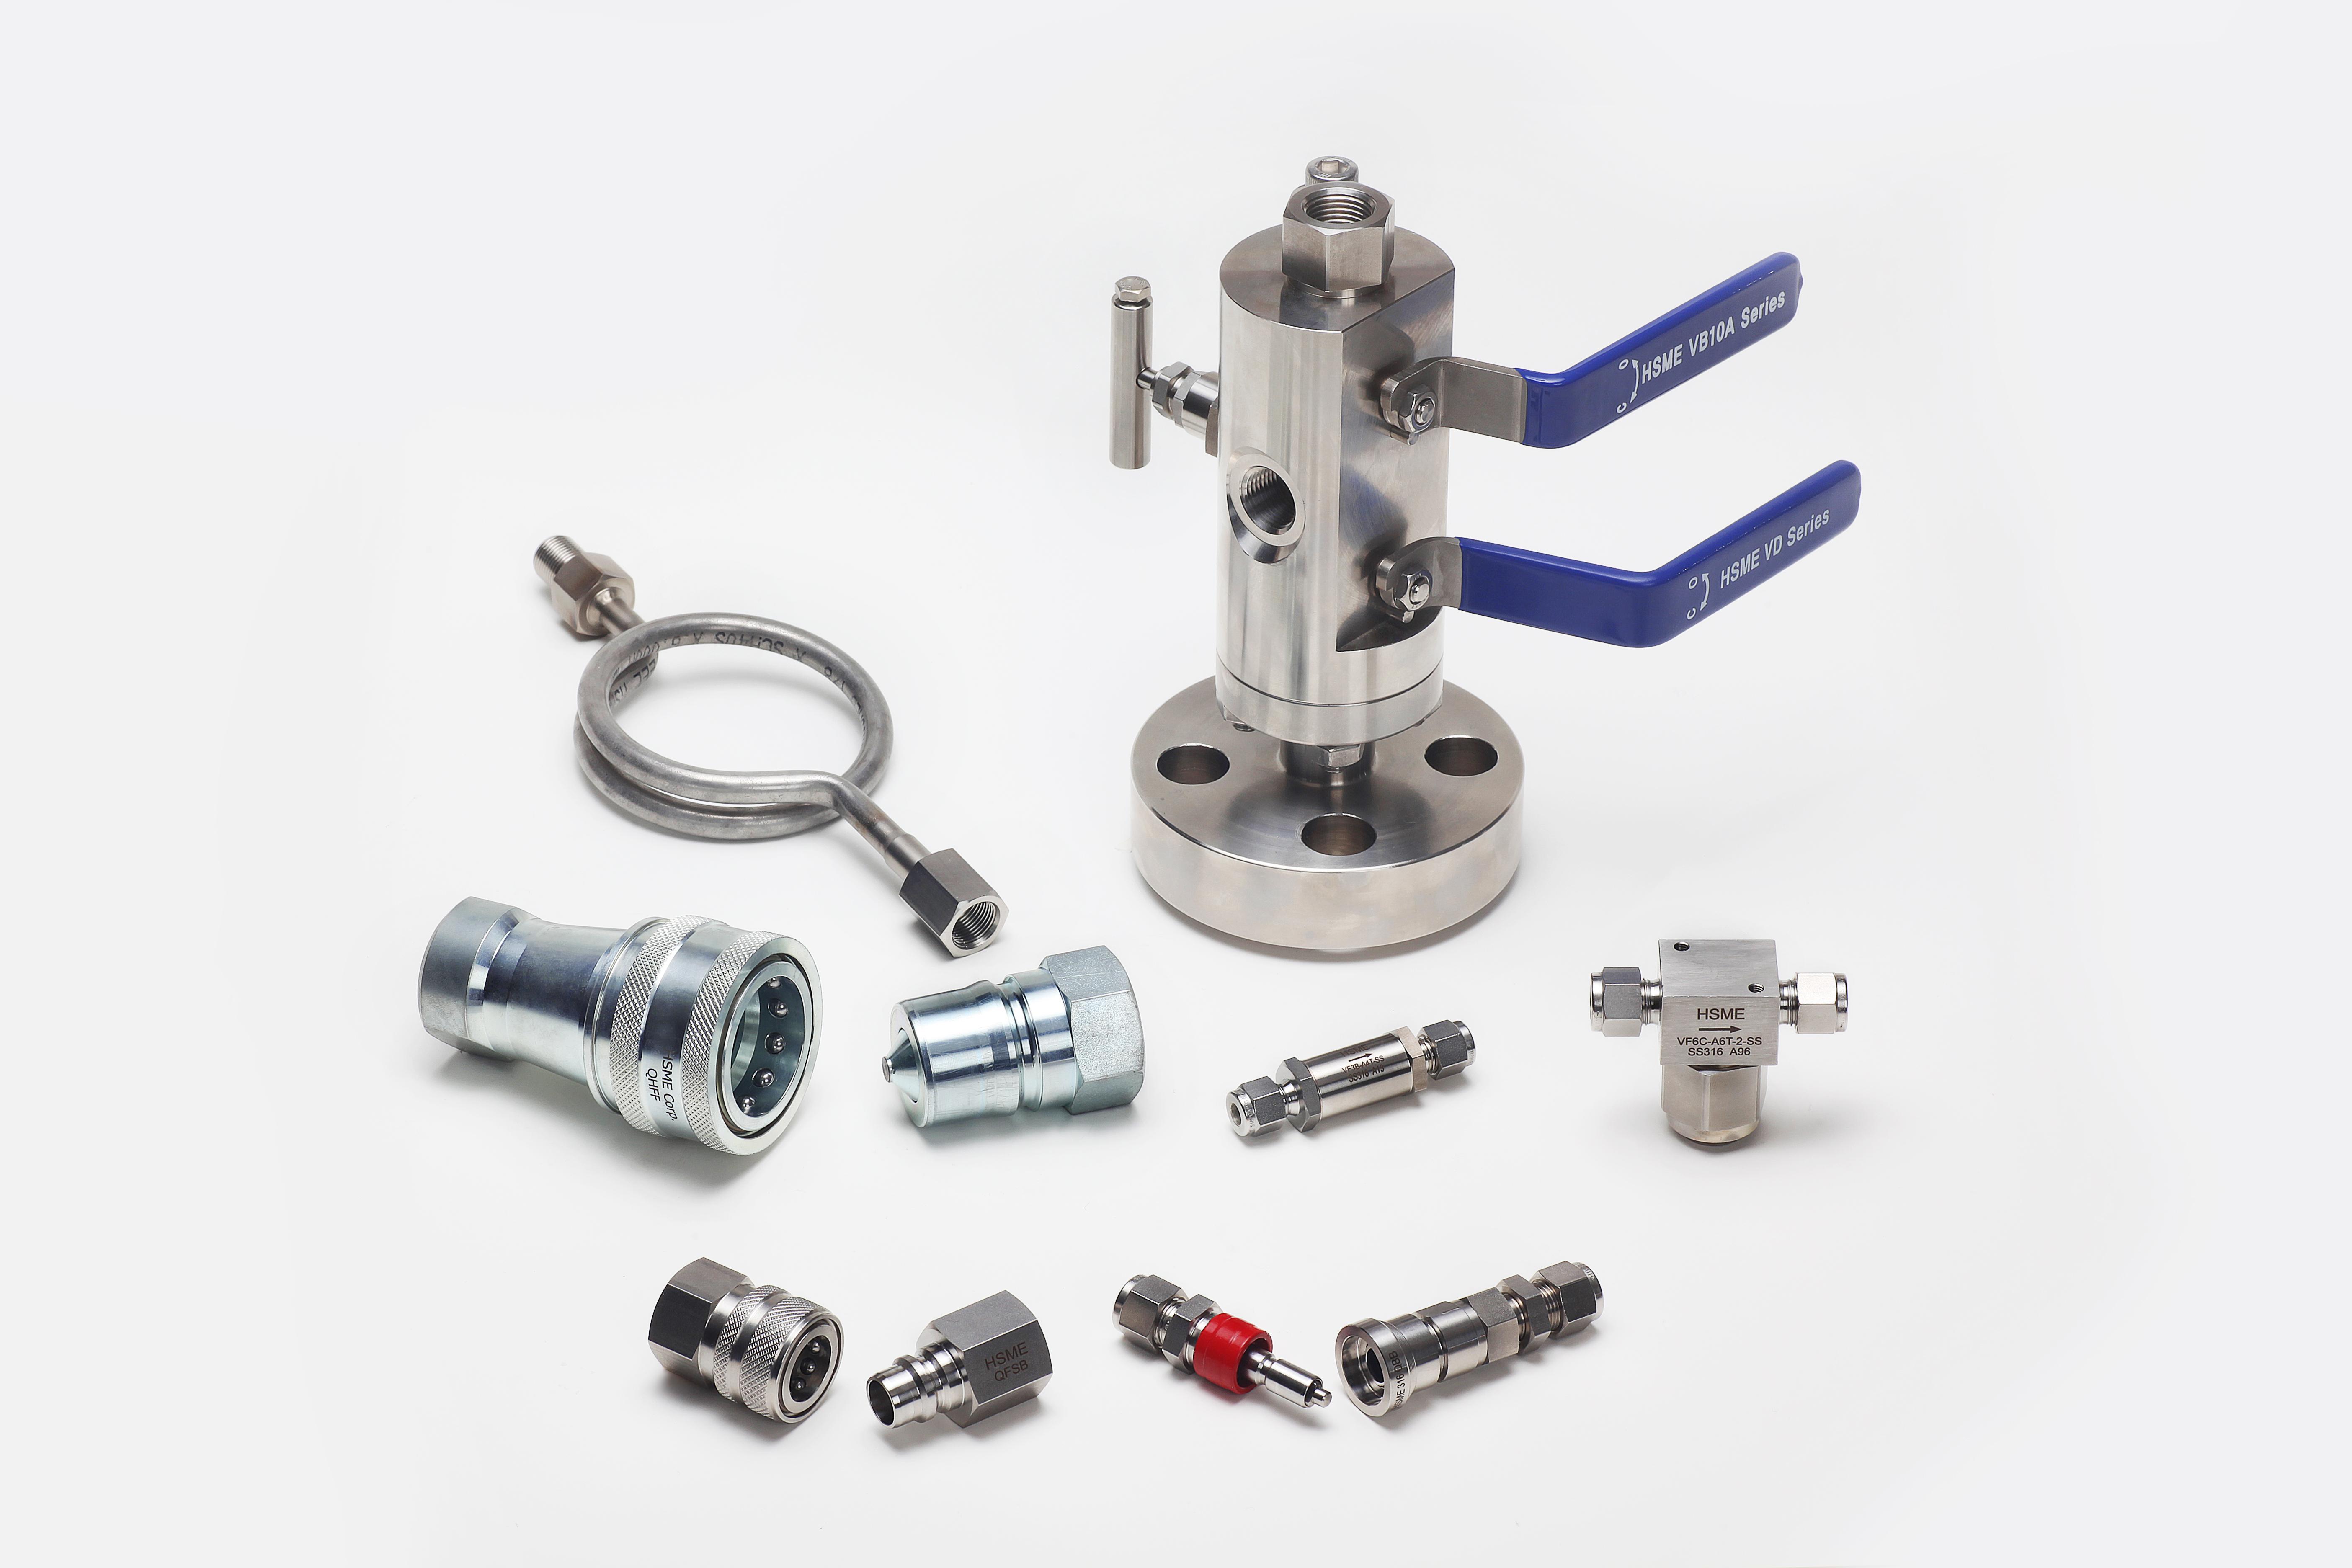 HSME клапаны и фитинги